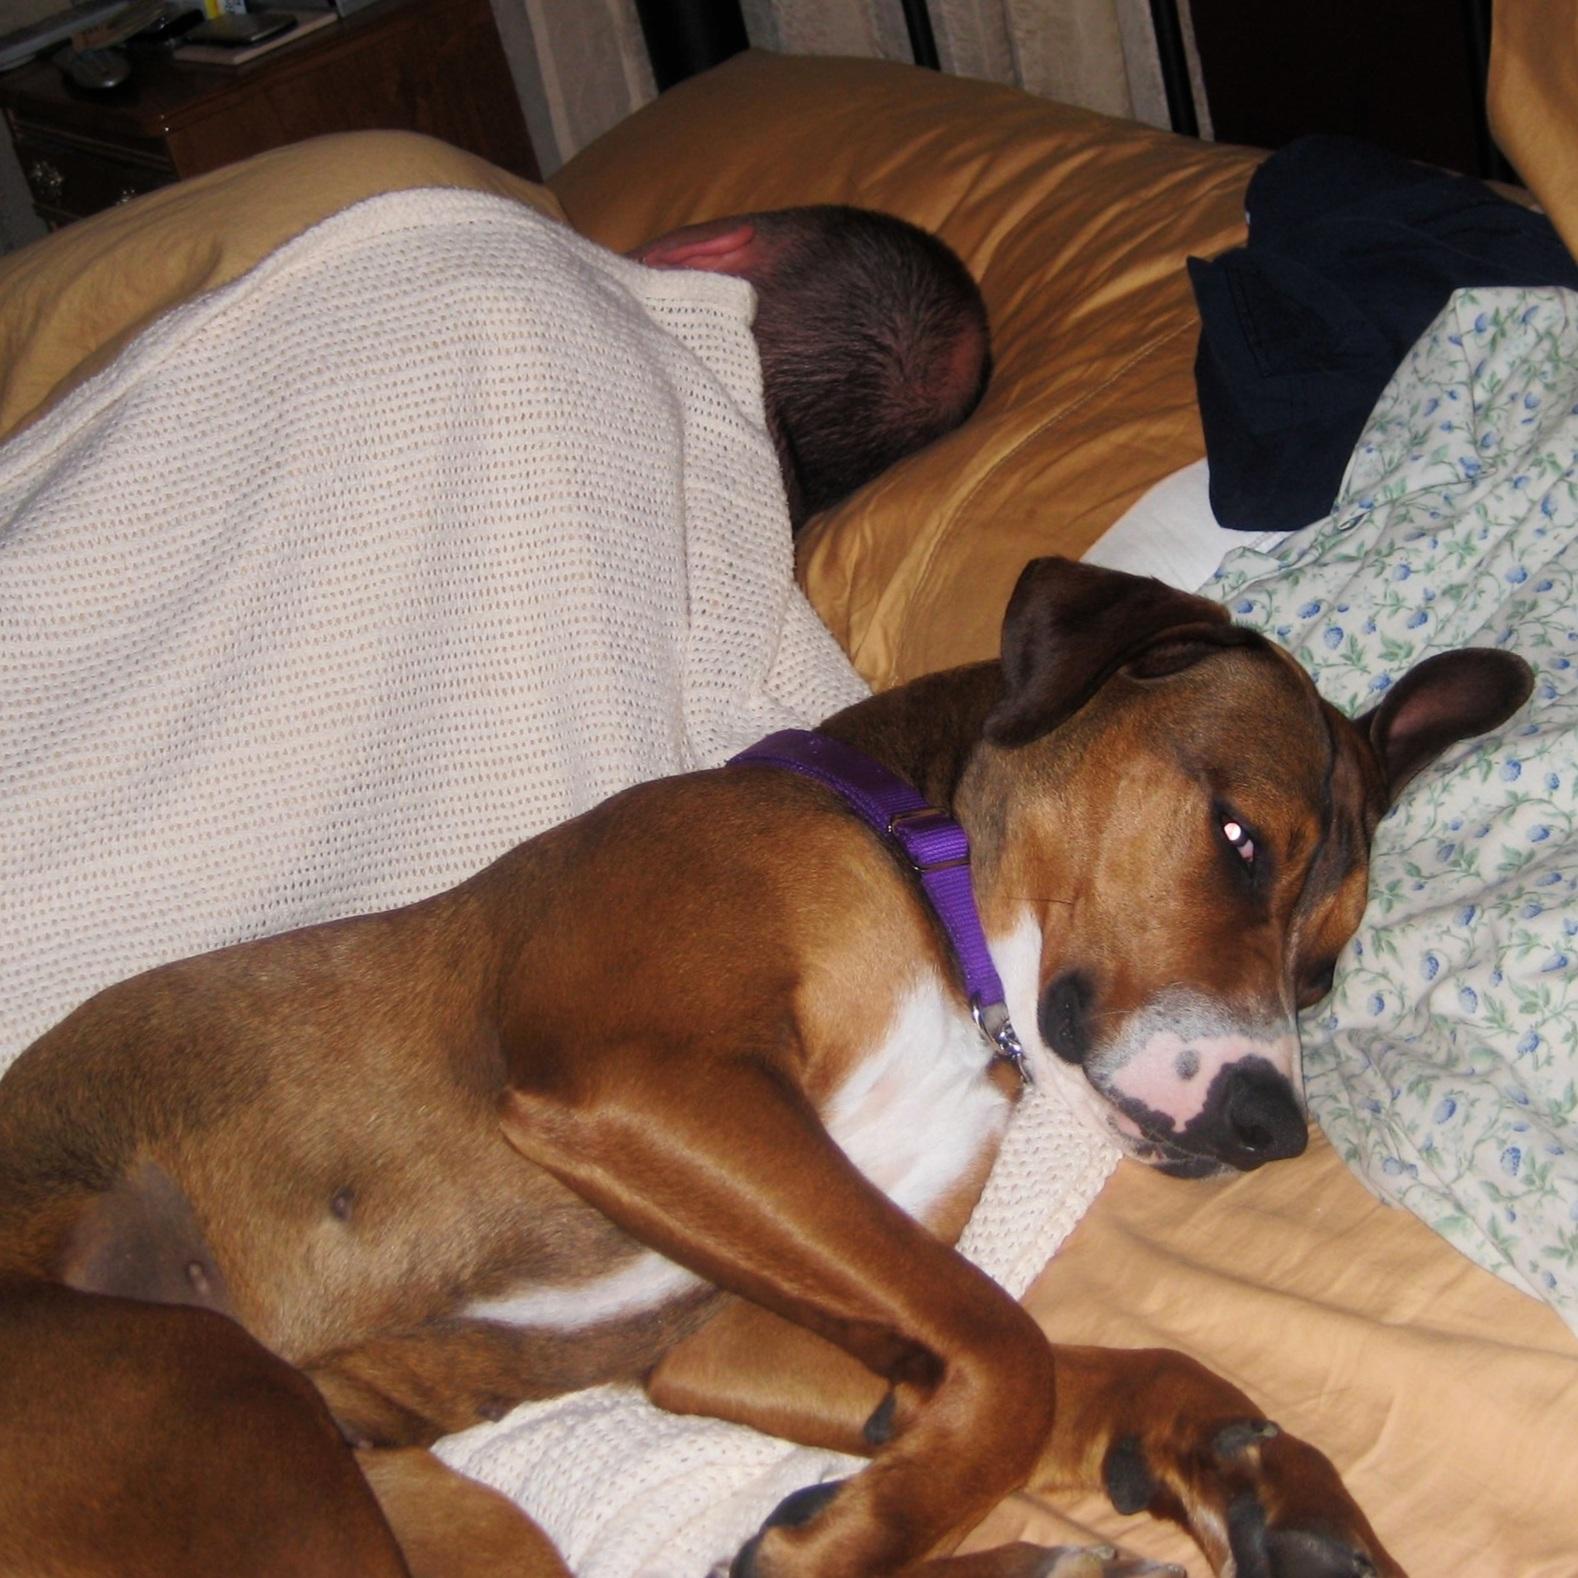 She slept a human!